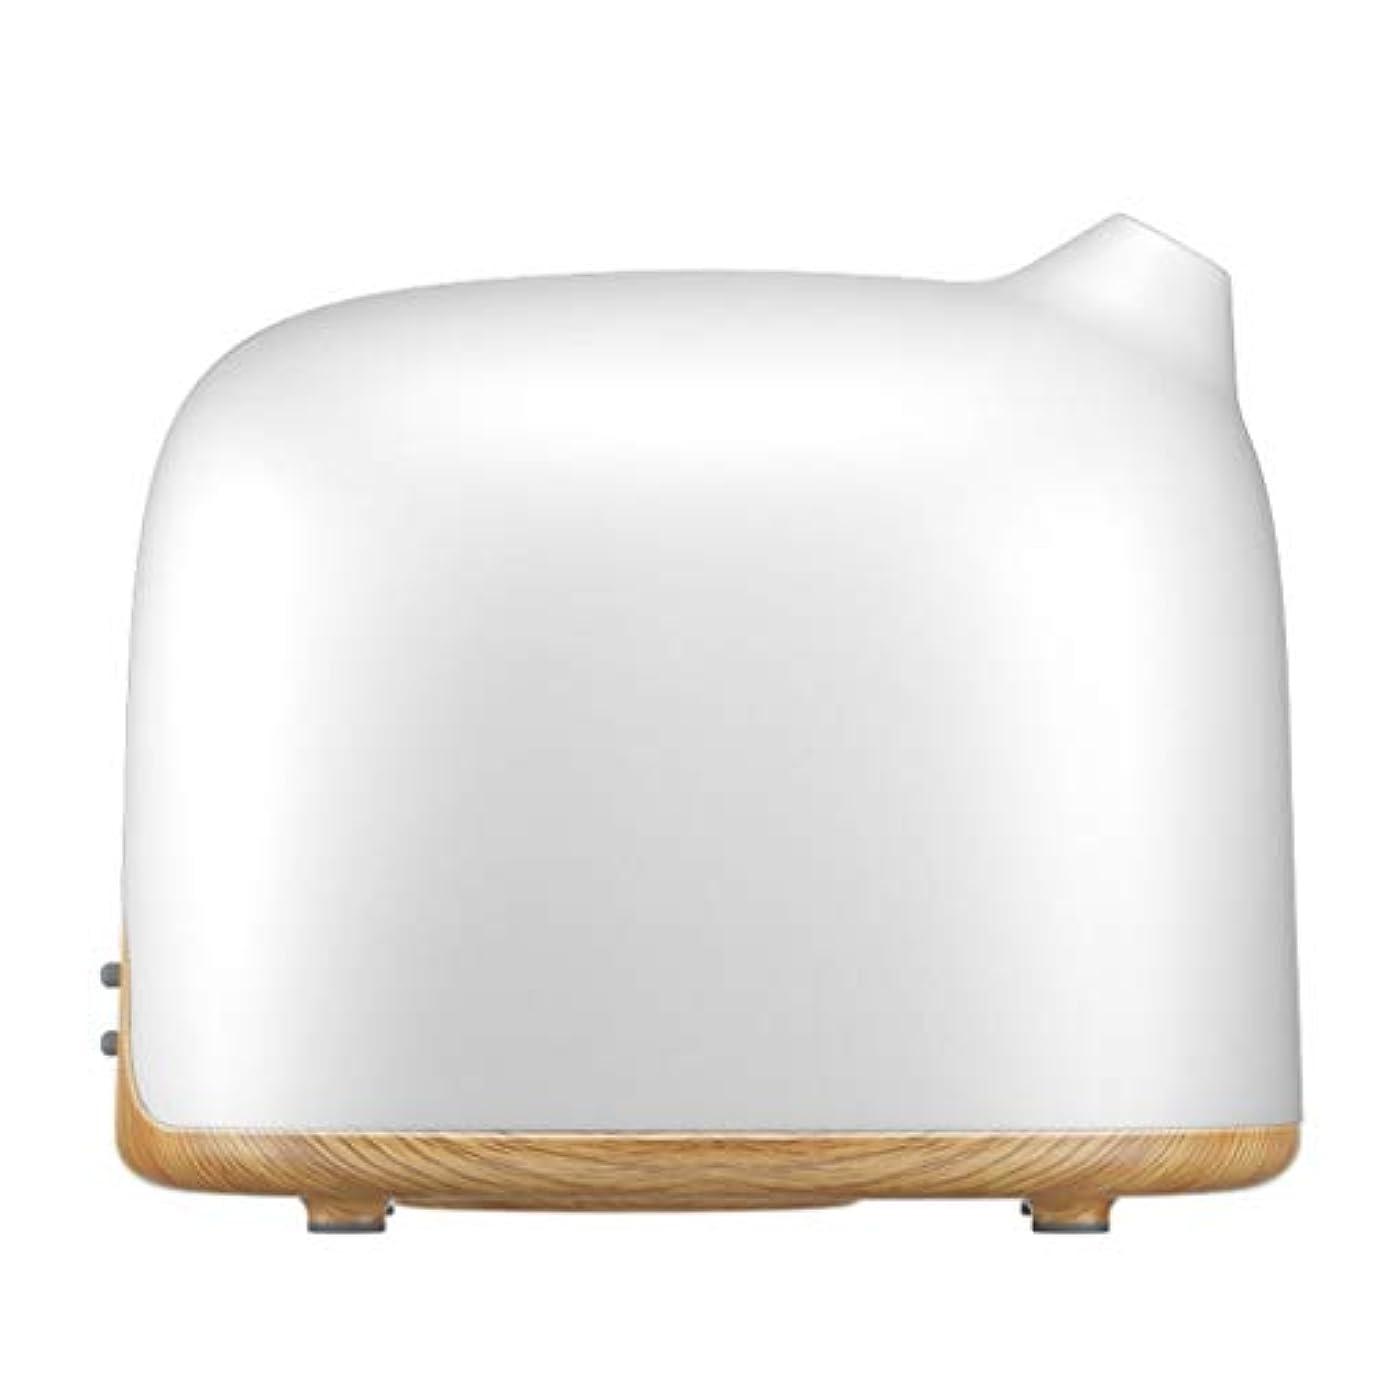 アジャストロー思いやり空気加湿器ホームサイレント寝室妊娠中の女性ベビーエアフォグ大容量ディフューザー (Color : Natural)